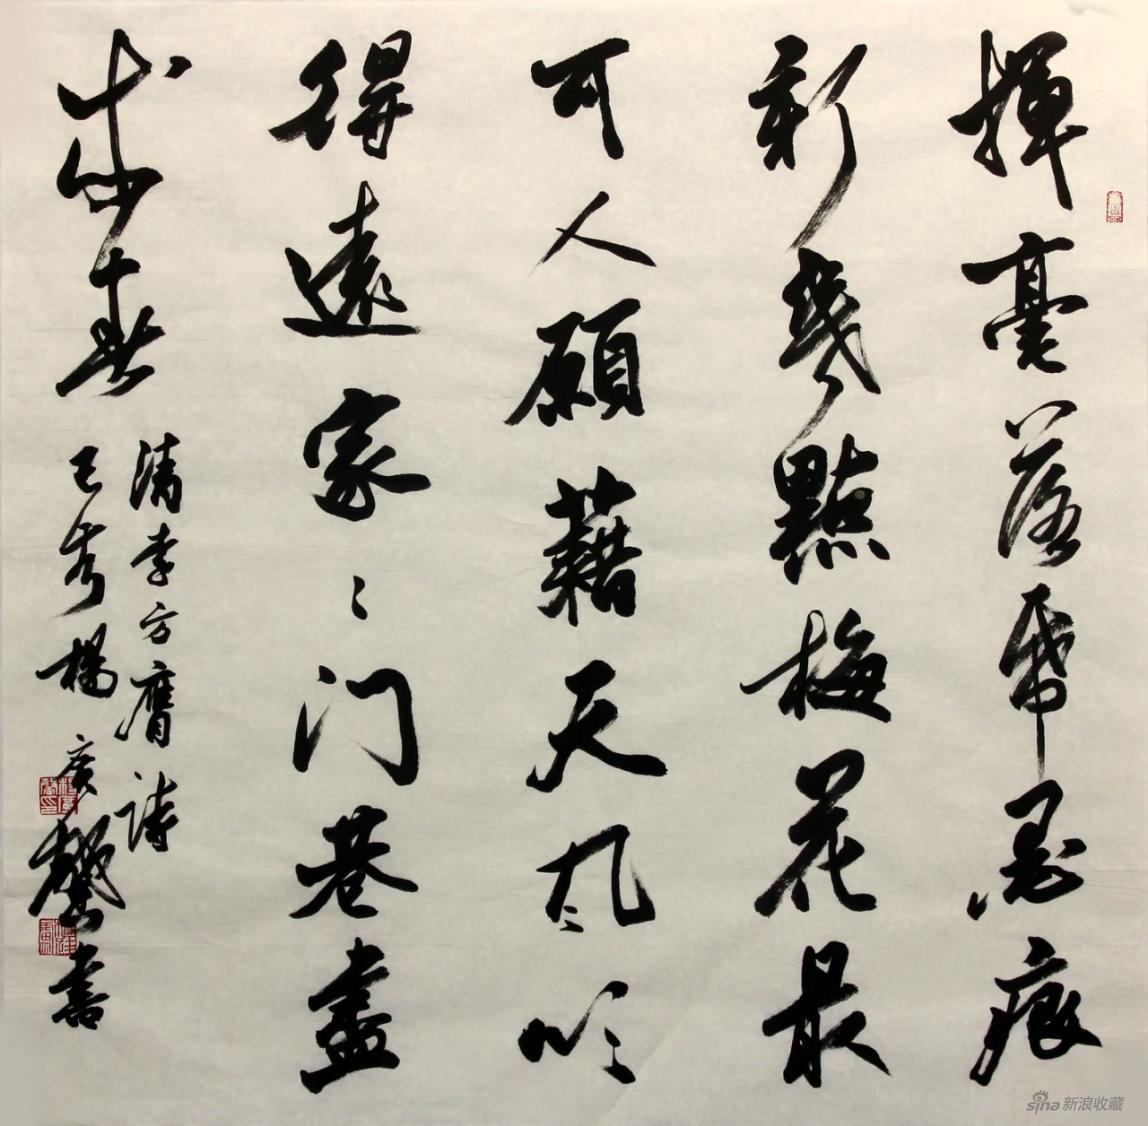 作品名称:《题画梅》作者:杨广馨 尺寸68cm×68cm